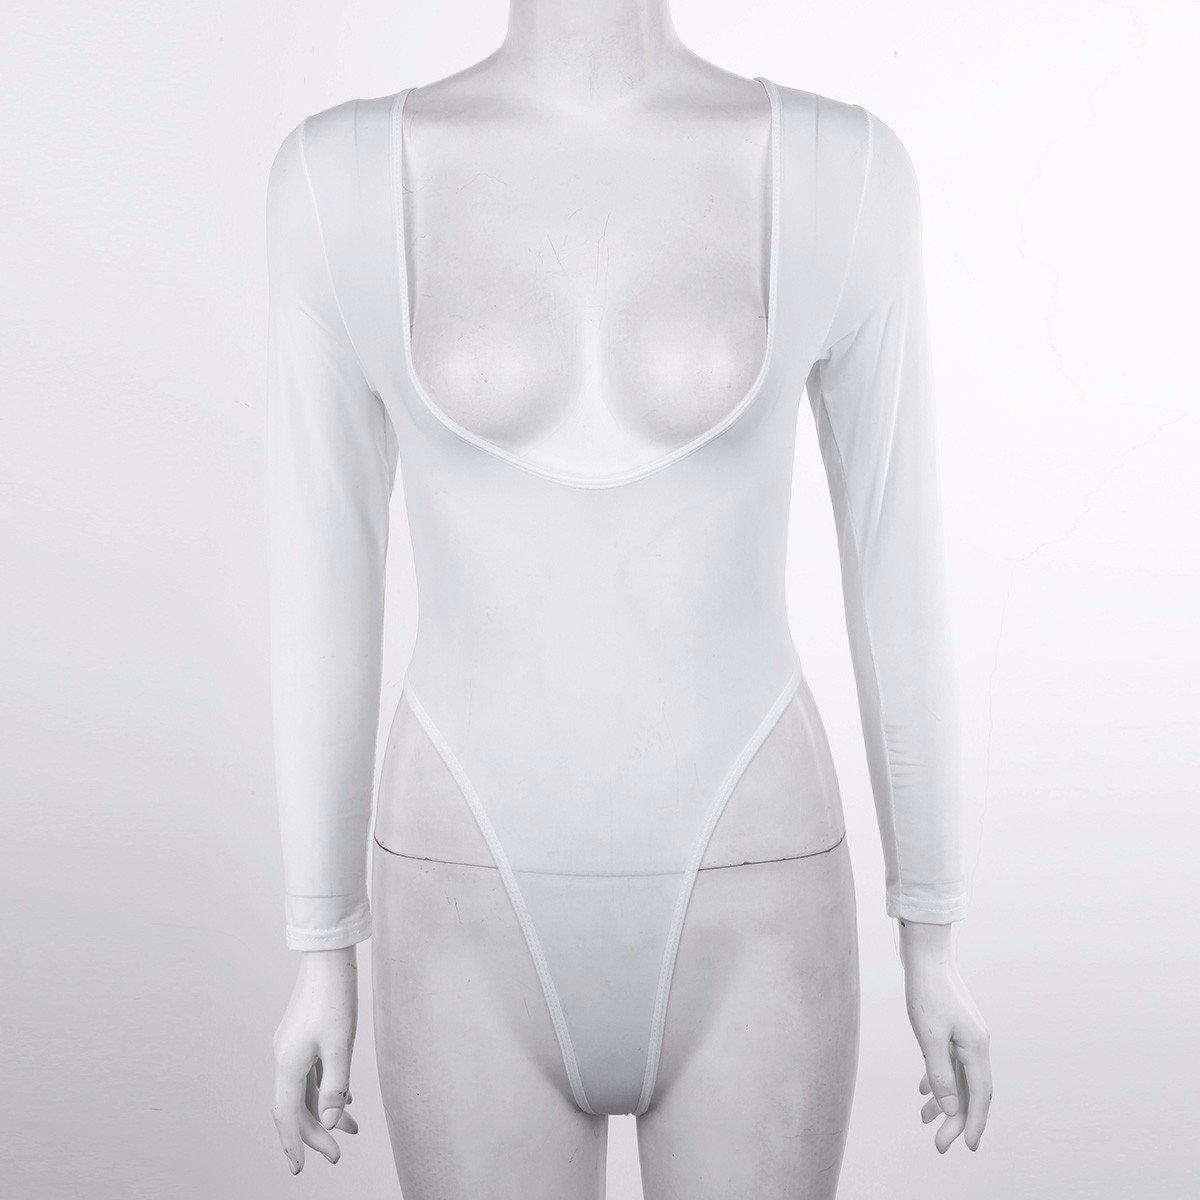 TiaoBug Body Femme String Justaucorps Combinaison V Col Élastique Bodysuit  Grenouillère Manches Longues Transparent Moulante Lingerie Overt Bas B  Blanc ... 705180ff7fc